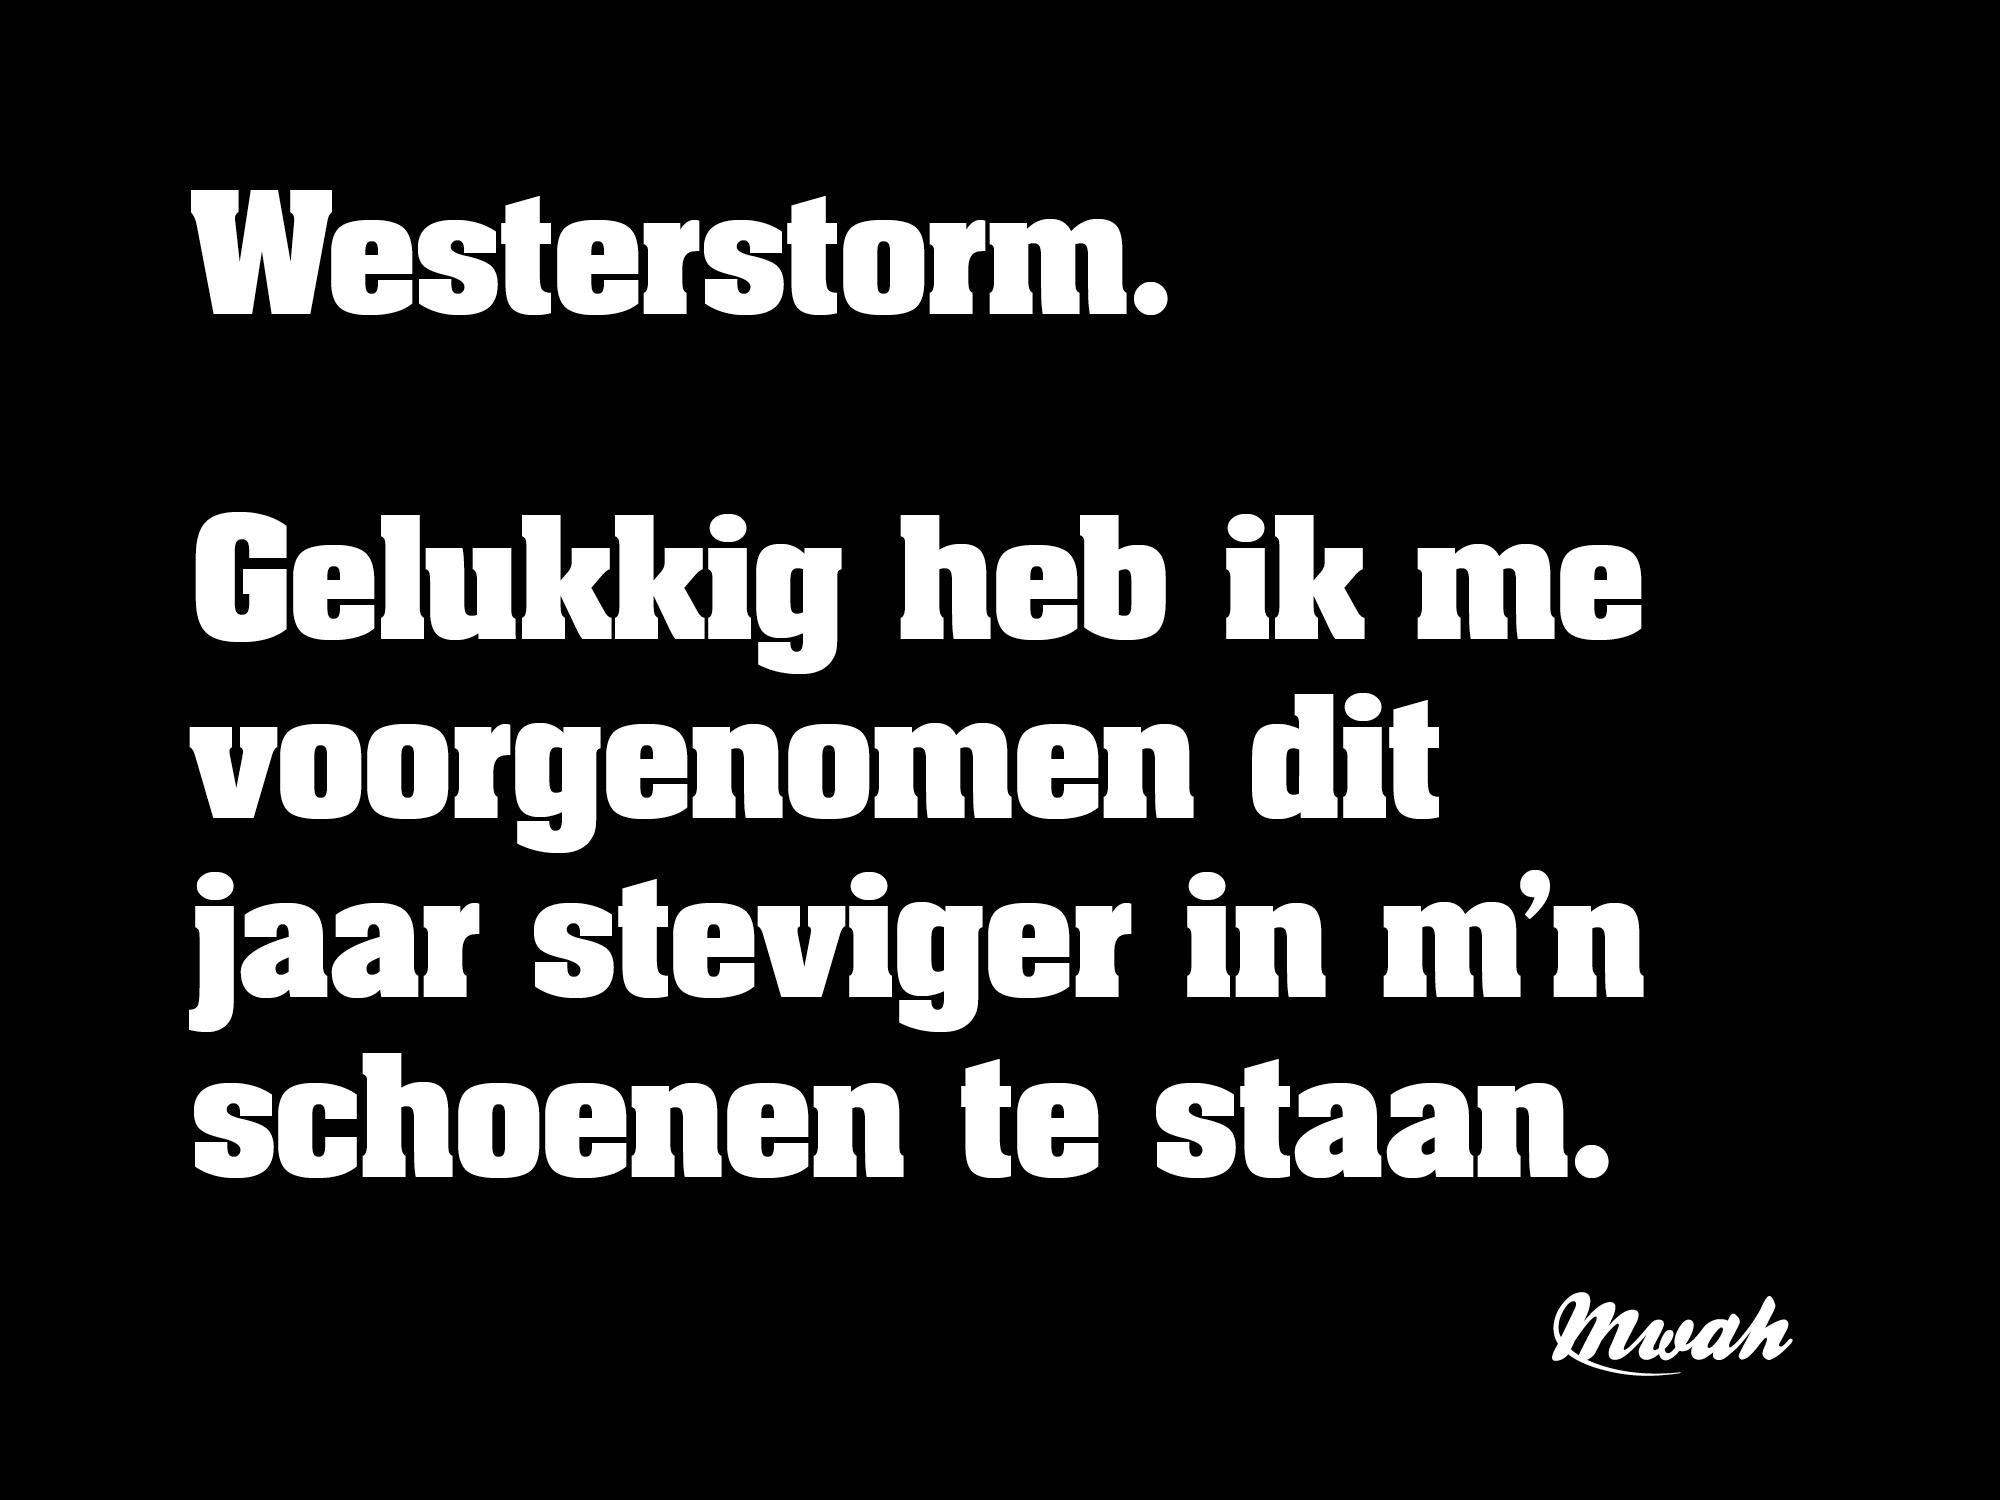 20180103_westerstorm